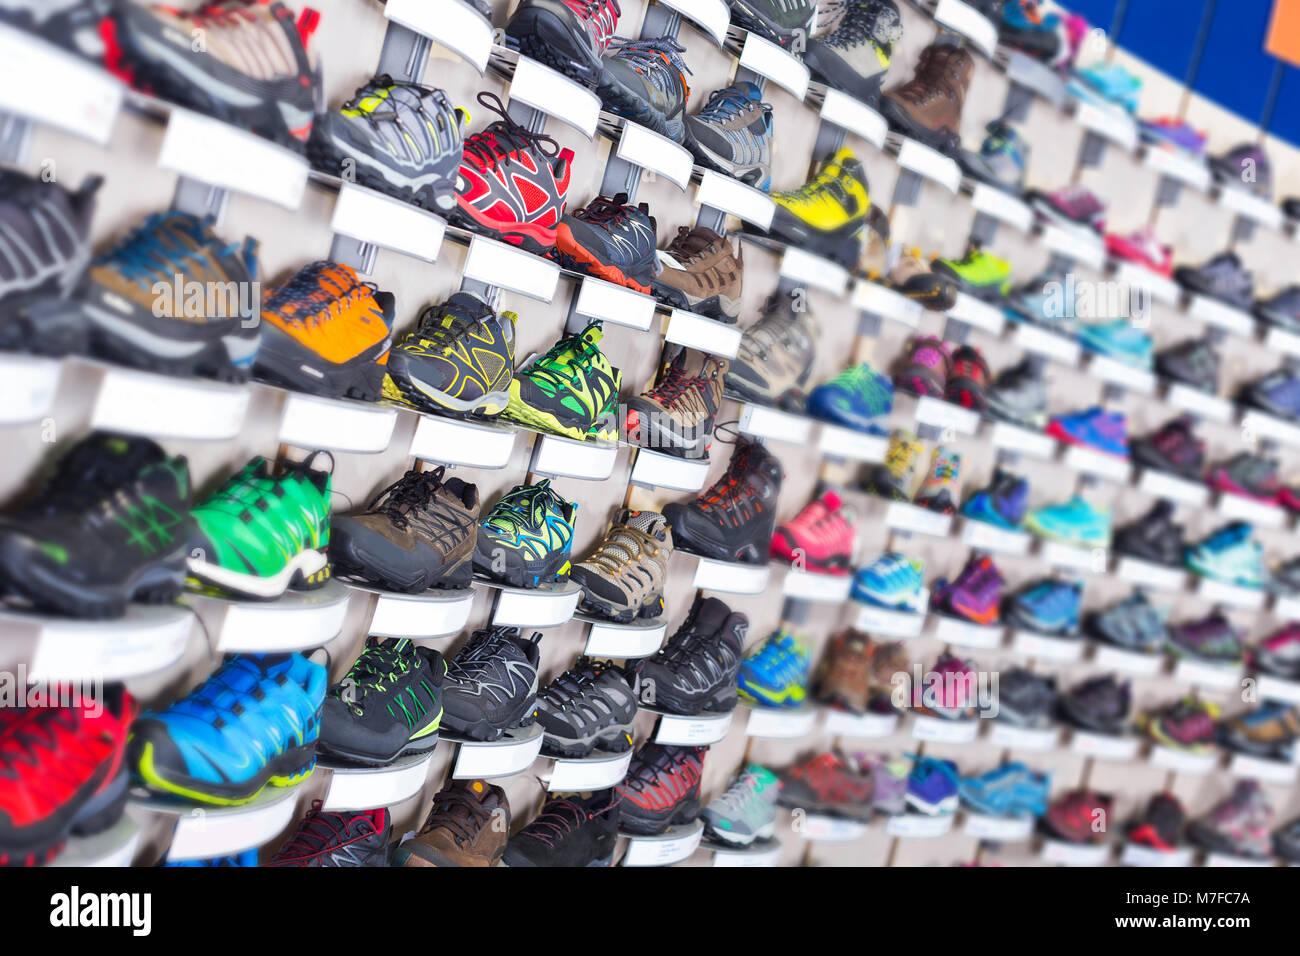 f5ecb438fcf5 Immagine di grande selezione di scarpe sportive in negozio Foto ...